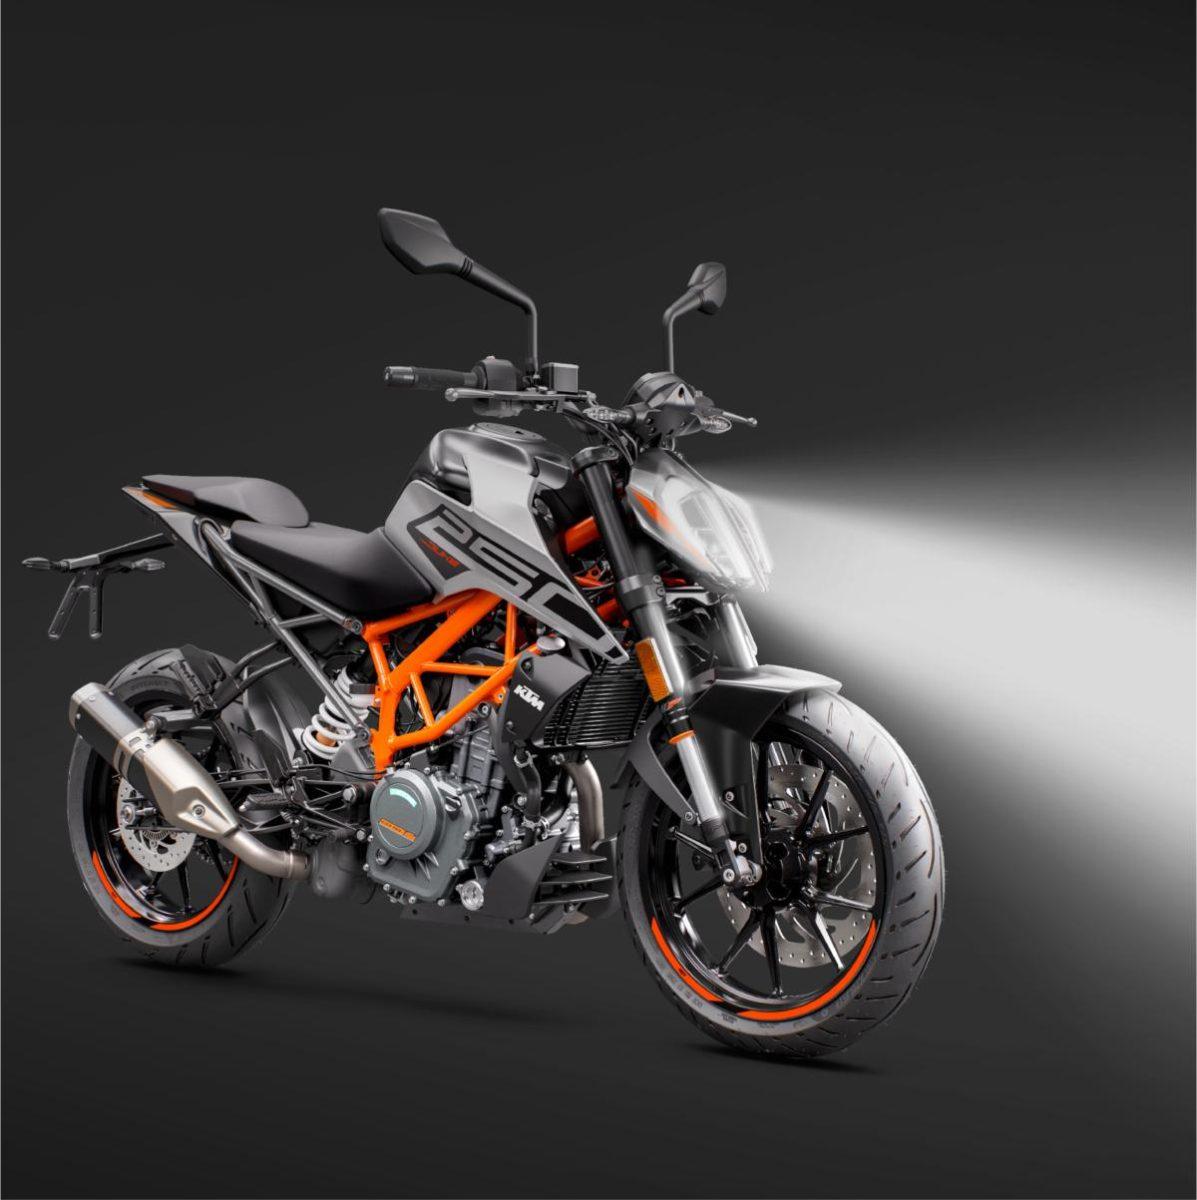 KTM 250 DUKE LED HL Graphical 1197x1200 1